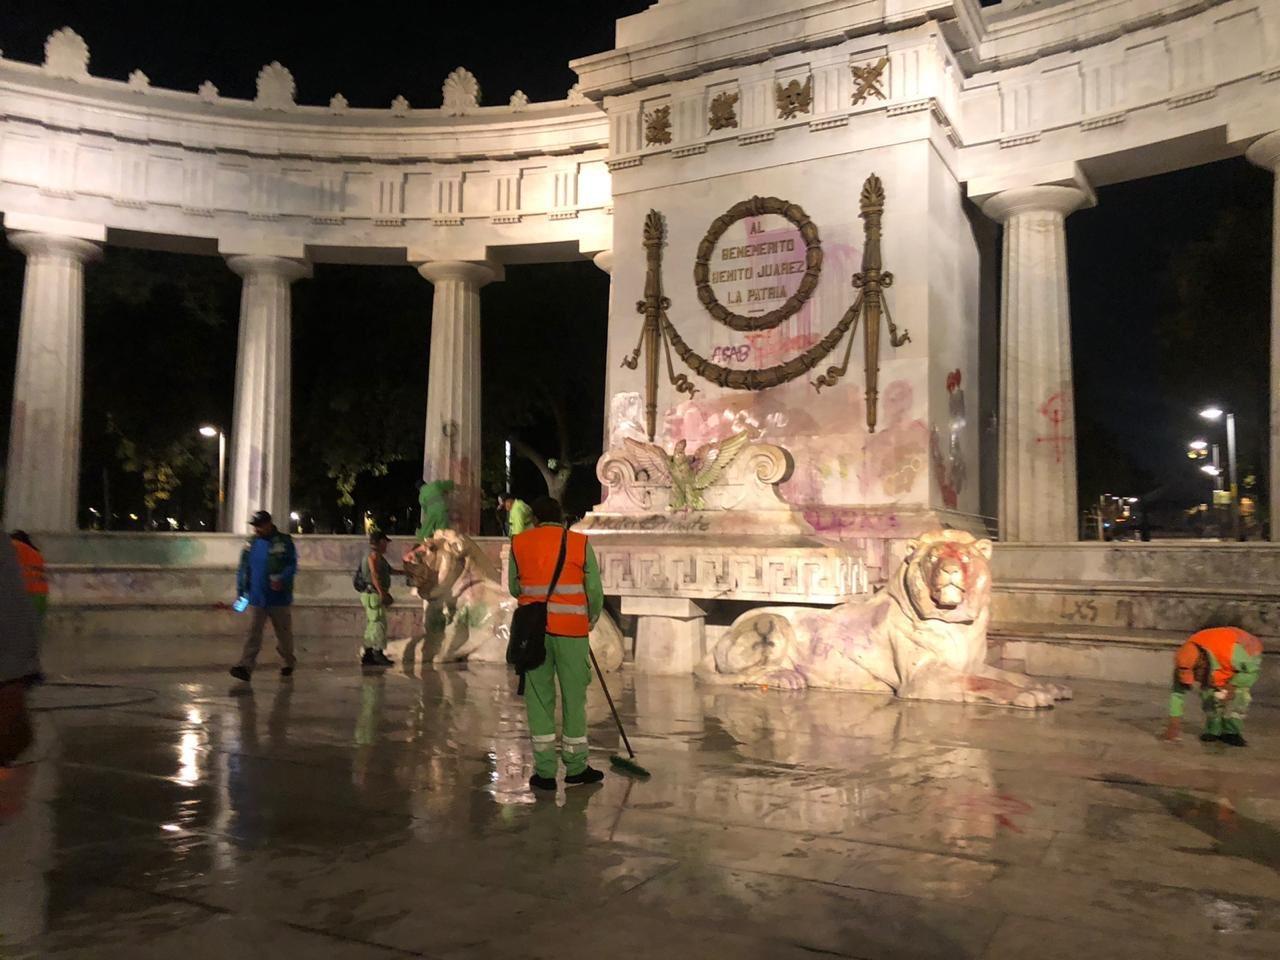 Se dañaron monumentos en Reforma por mala limpieza